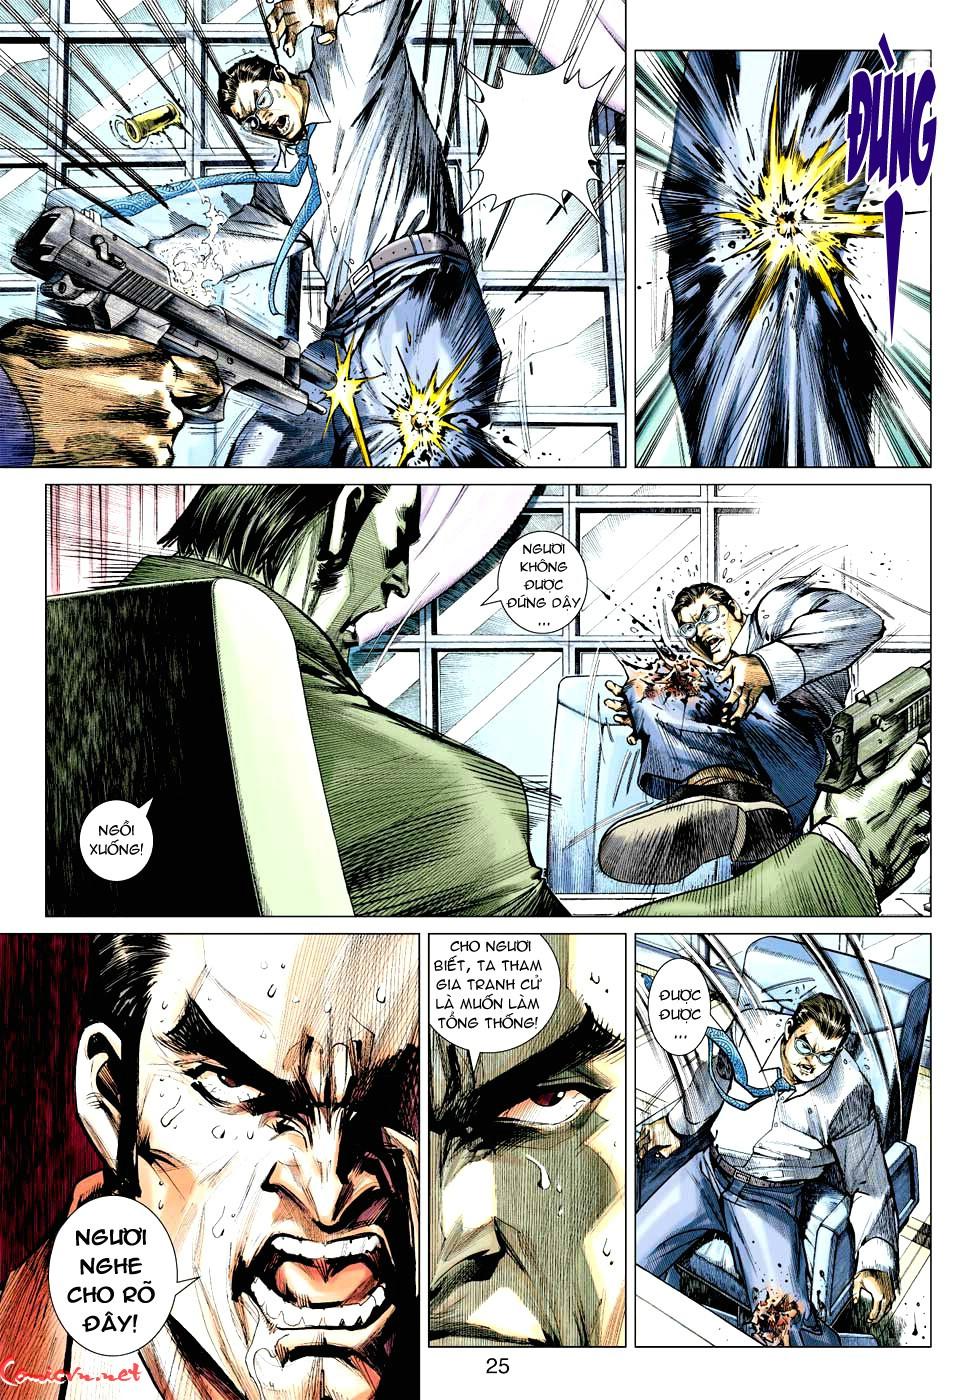 Vương Phong Lôi 1 chap 32 - Trang 24